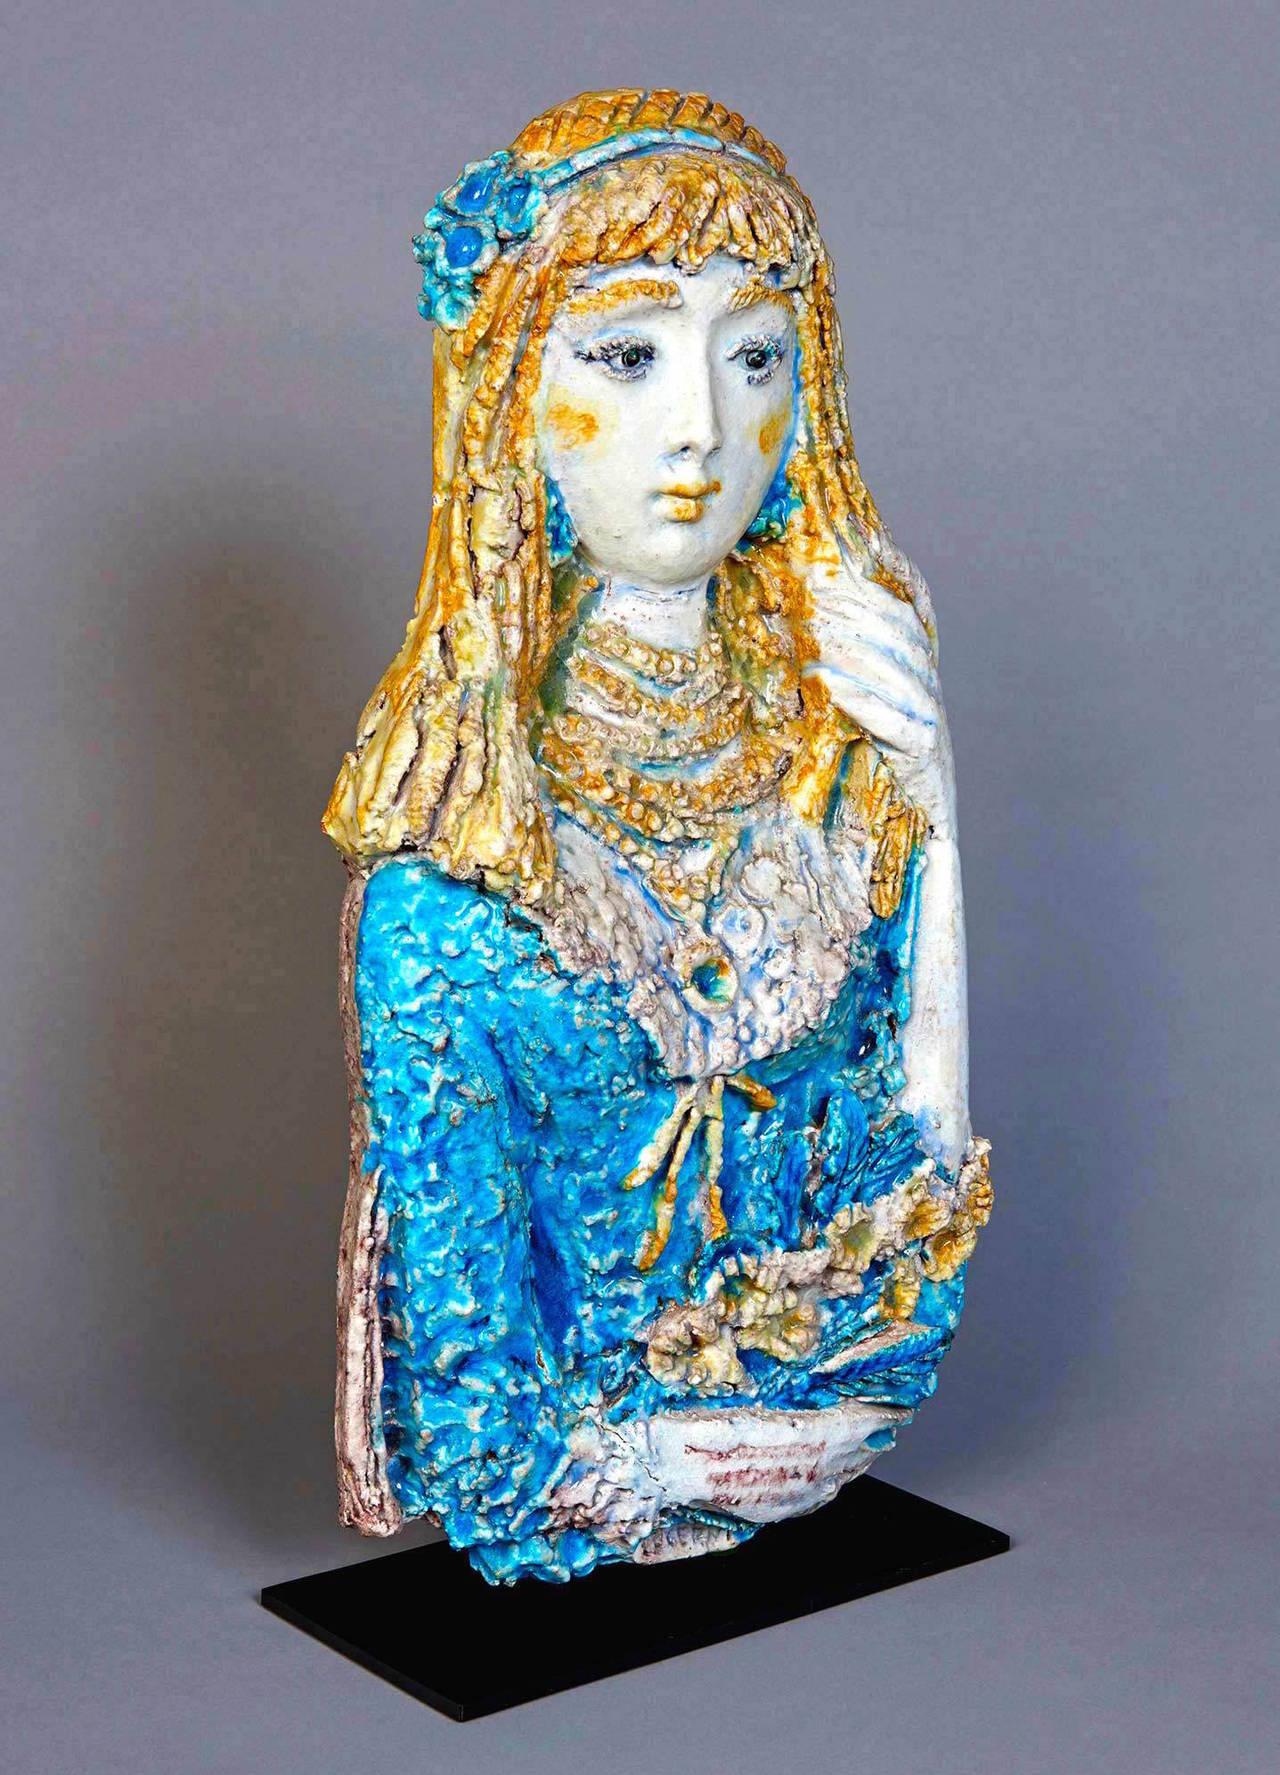 Italian Ceramic Sculpture by Ugo Lucerni For Sale